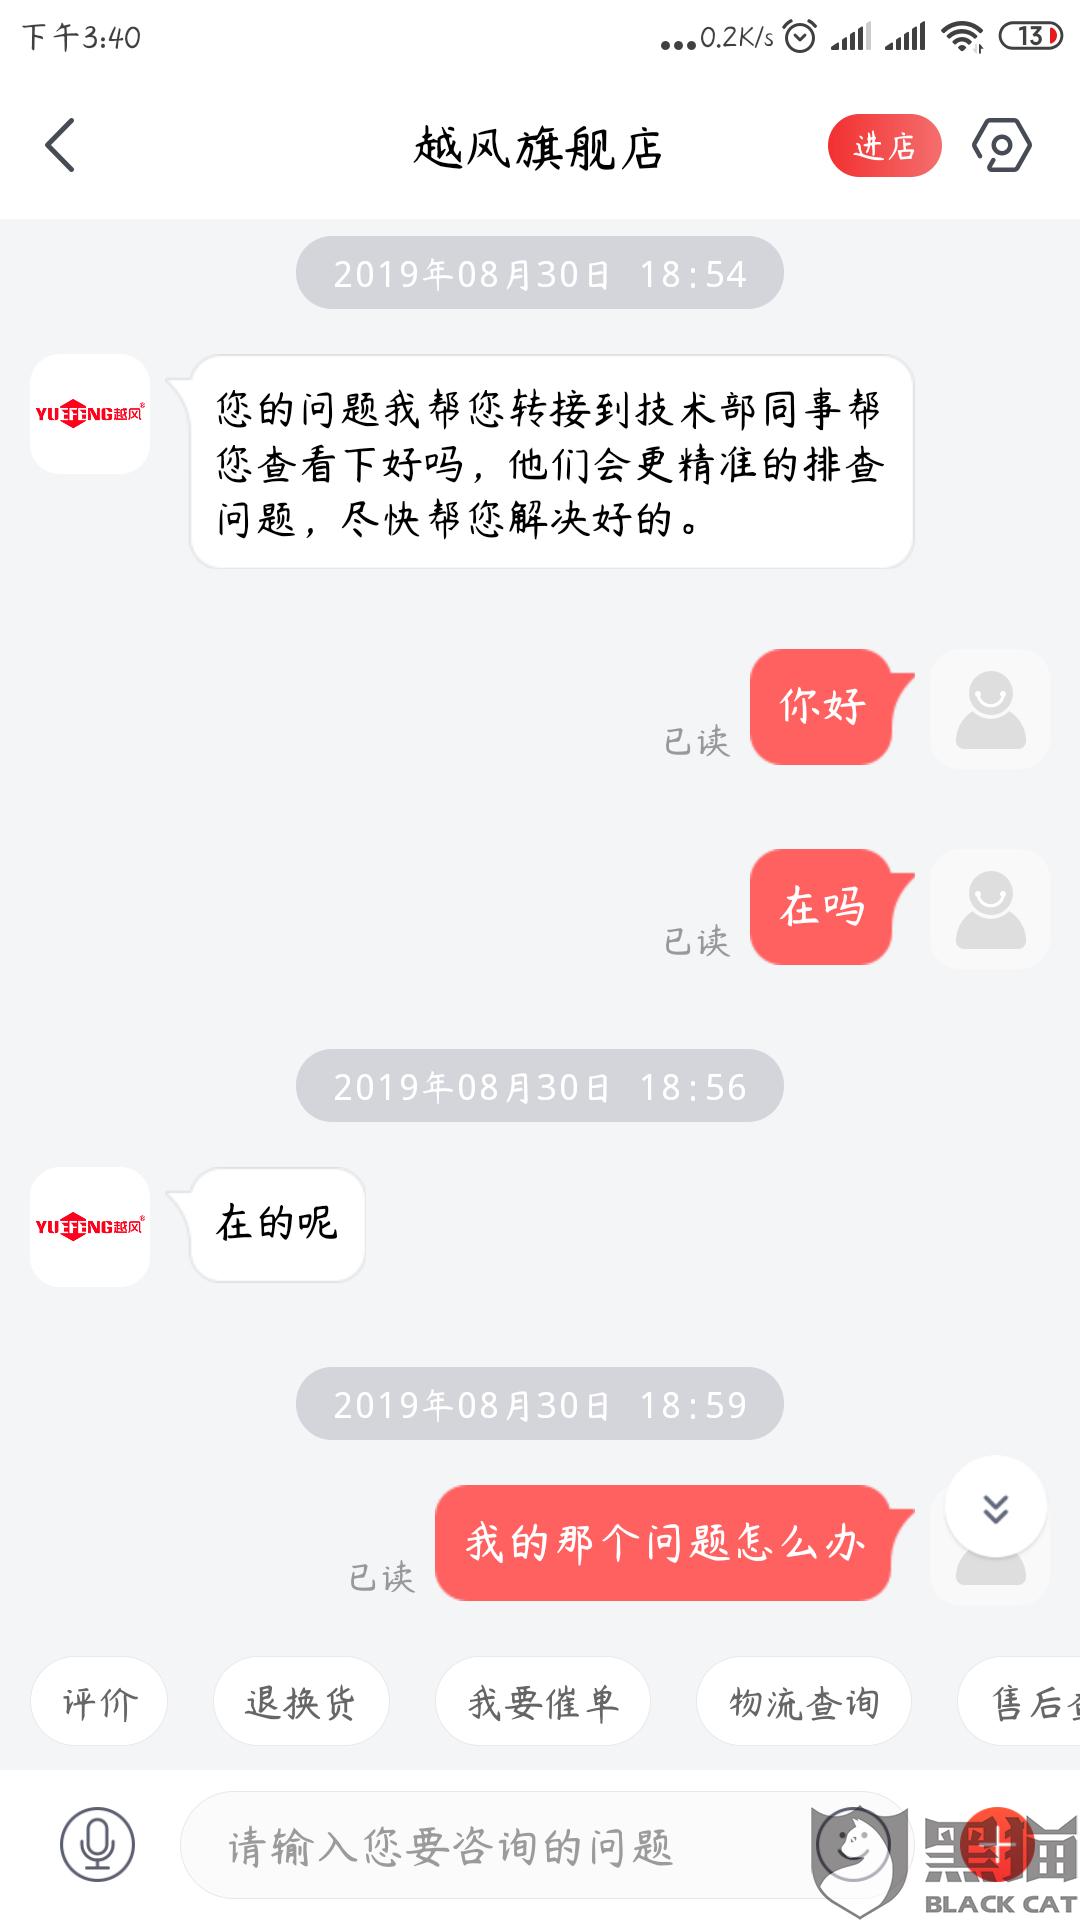 黑猫投诉:京东越风旗舰店,越风集成灶上个月电源面板不能使用